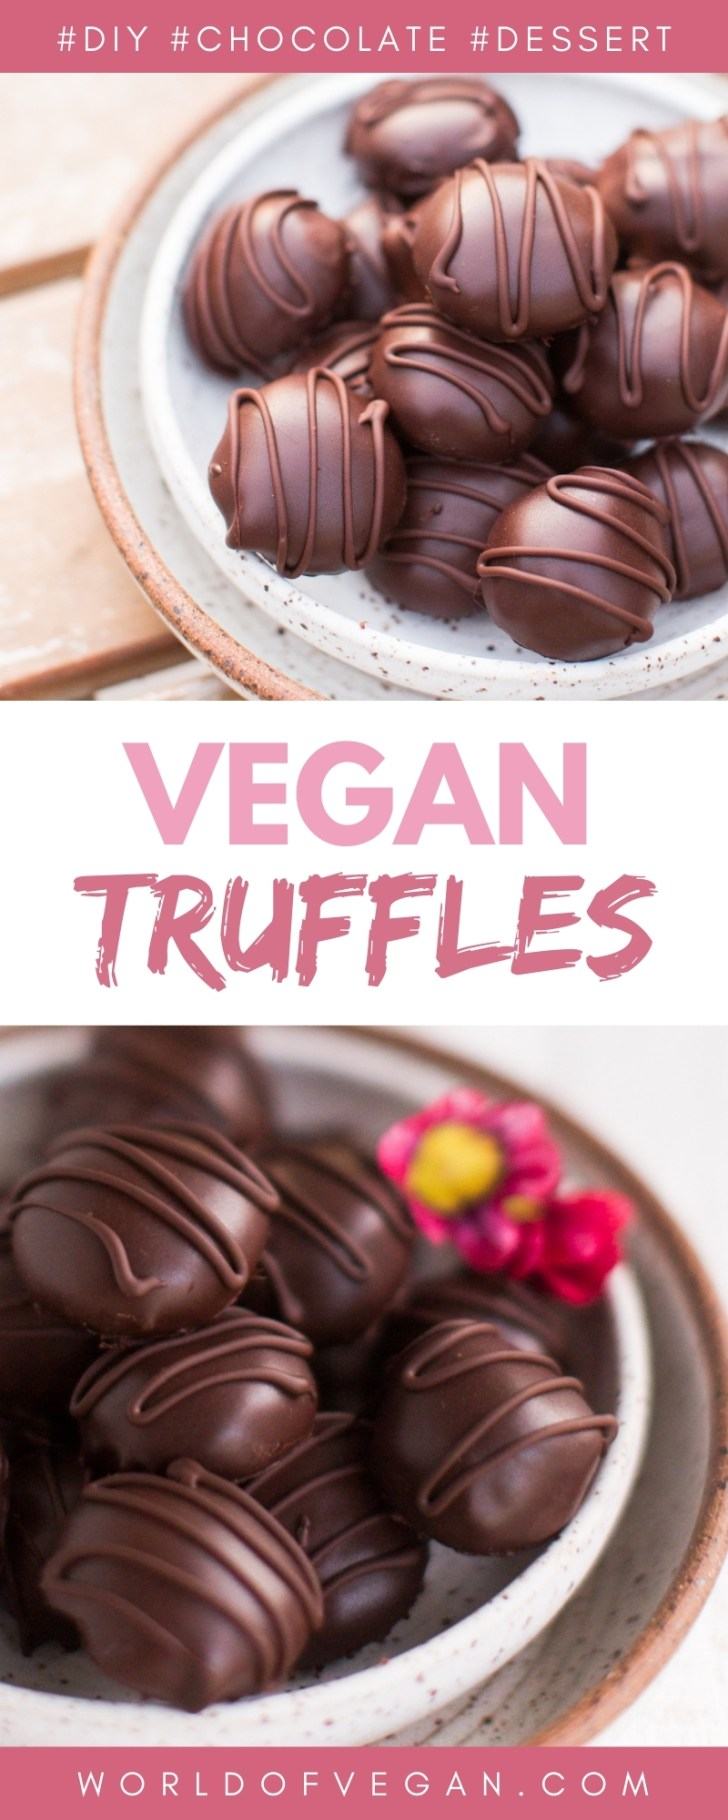 Homemade Vegan Chocolate Truffles Recipe